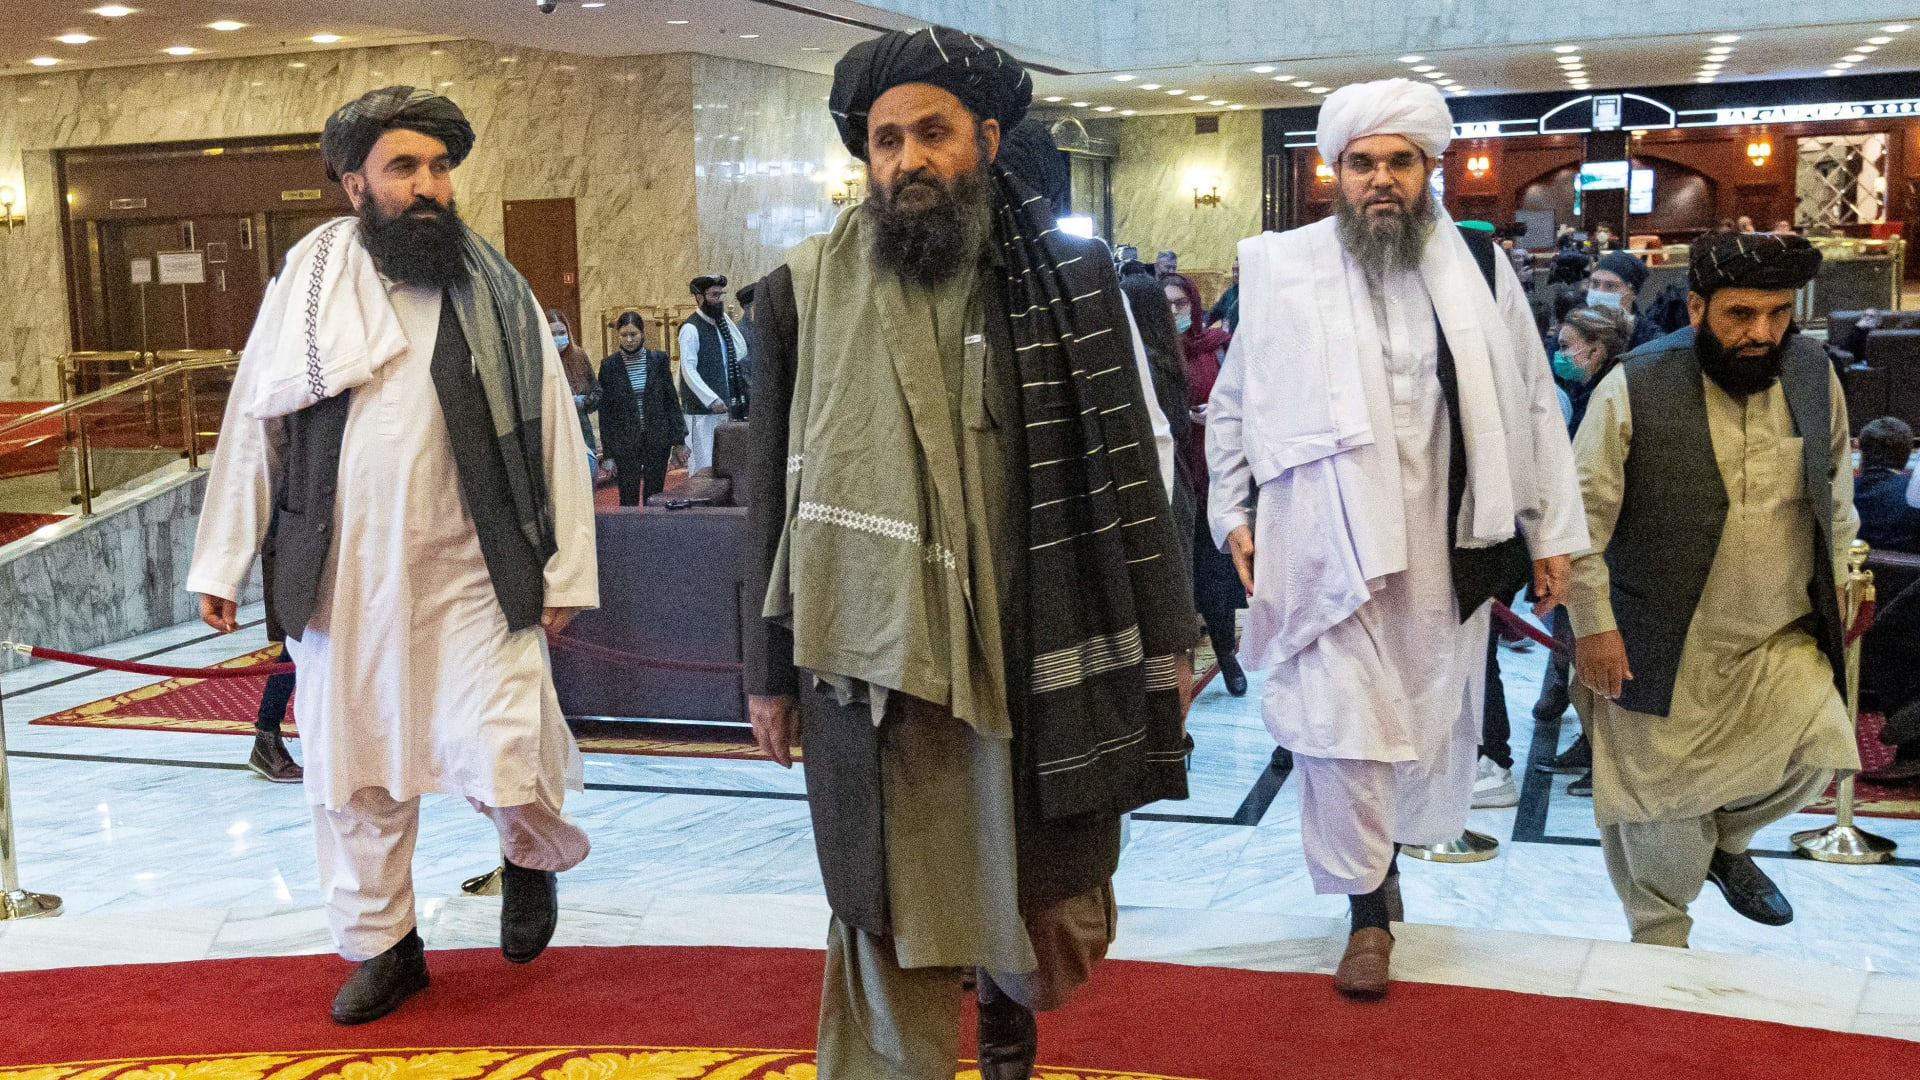 المتحدث باسم طالبان أولوياتنا الحفاظ على الأمن وحكومة إسلامية شاملة